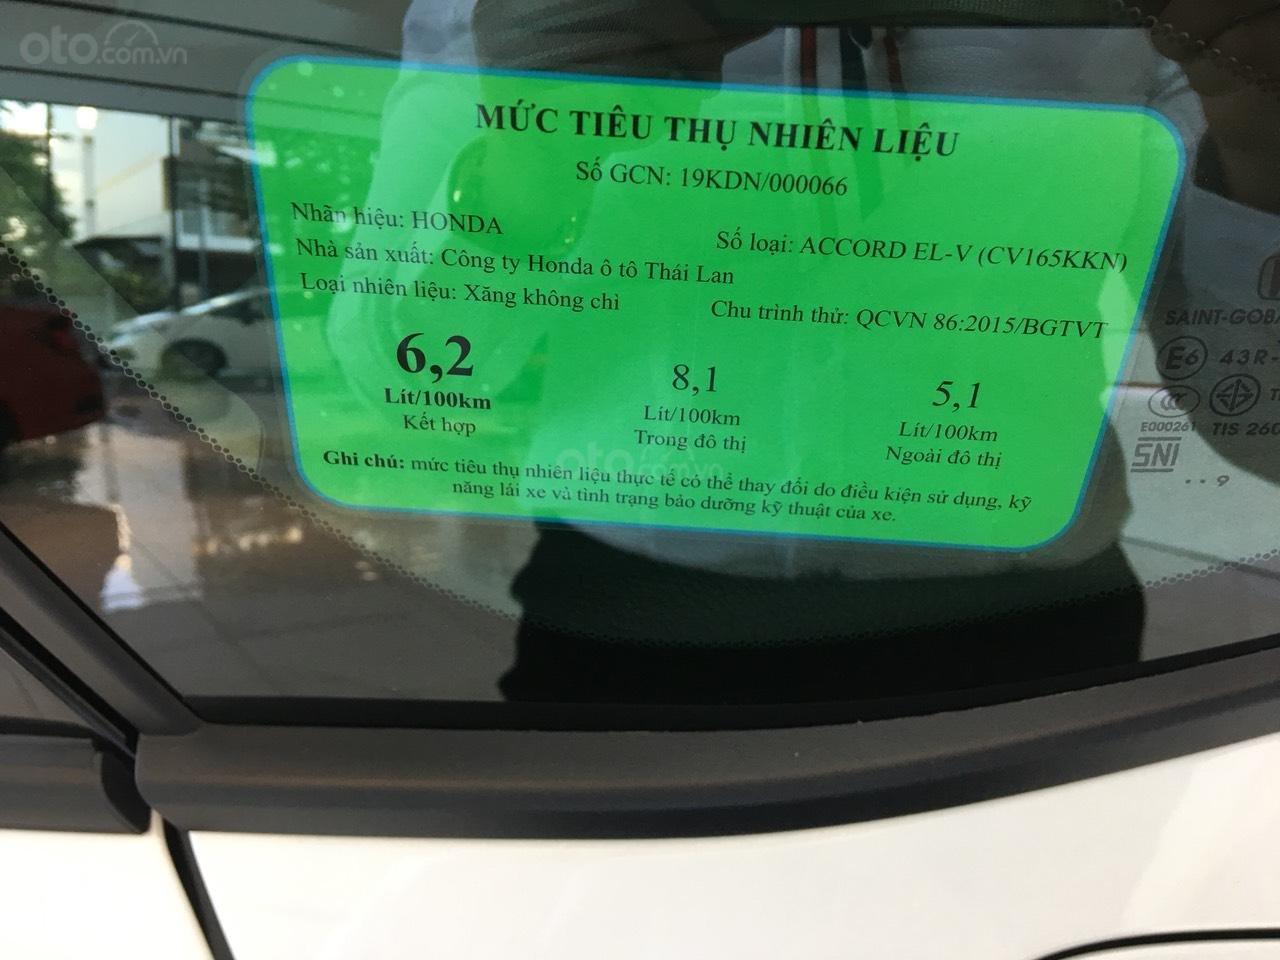 Bán Honda Accord 1.5 Turbo 2020 giao sớm, quà chất trao tay (18)